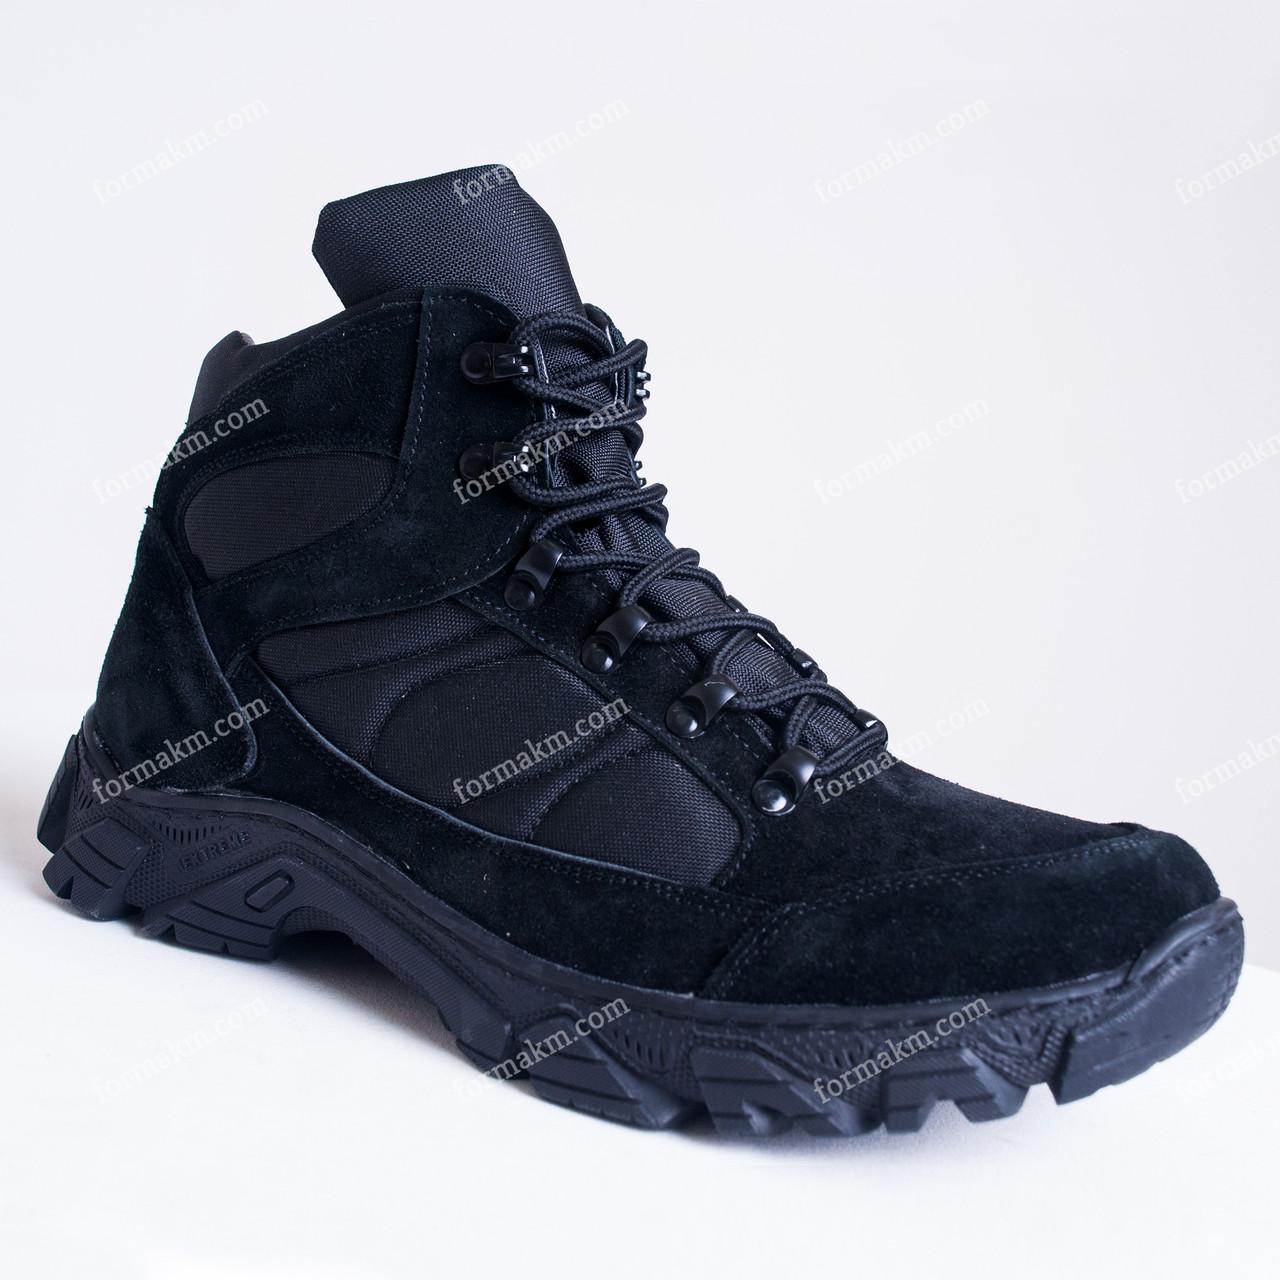 Тактические Ботинки Демисезонные Tornado Black